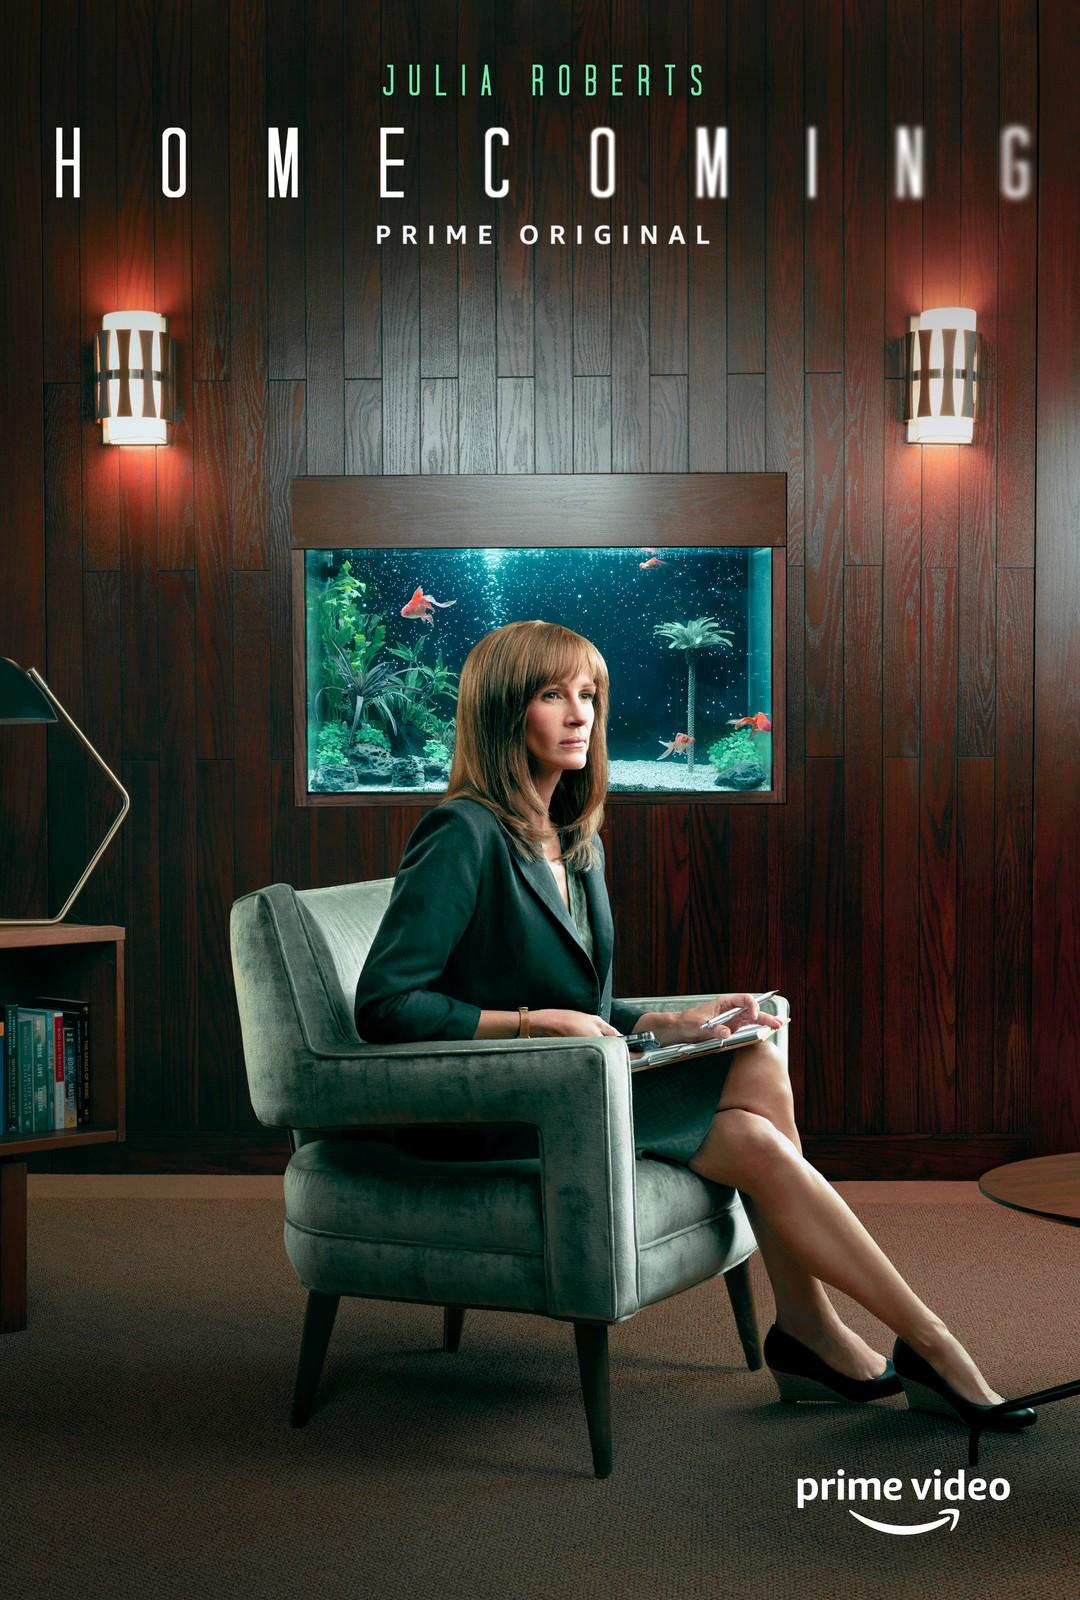 Homecoming: Amazon-Serie mit Julia Roberts ab 22. Februar in der deutschen Fassung - Bild 1 von 29